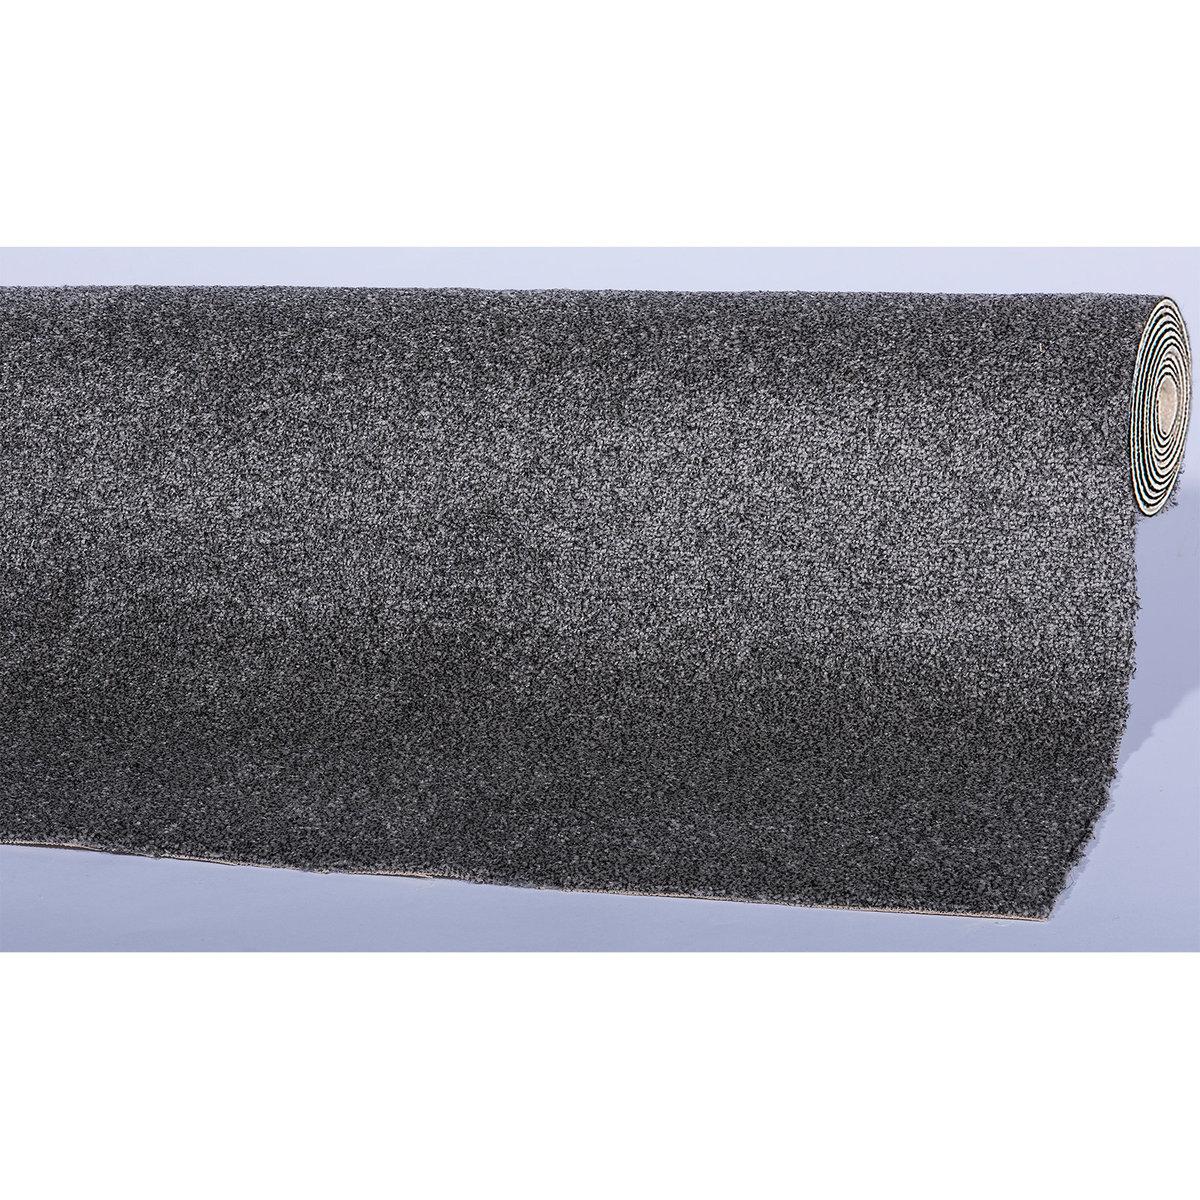 Bild 2 von Teppichboden MONSOON - grau - 5 Meter breit